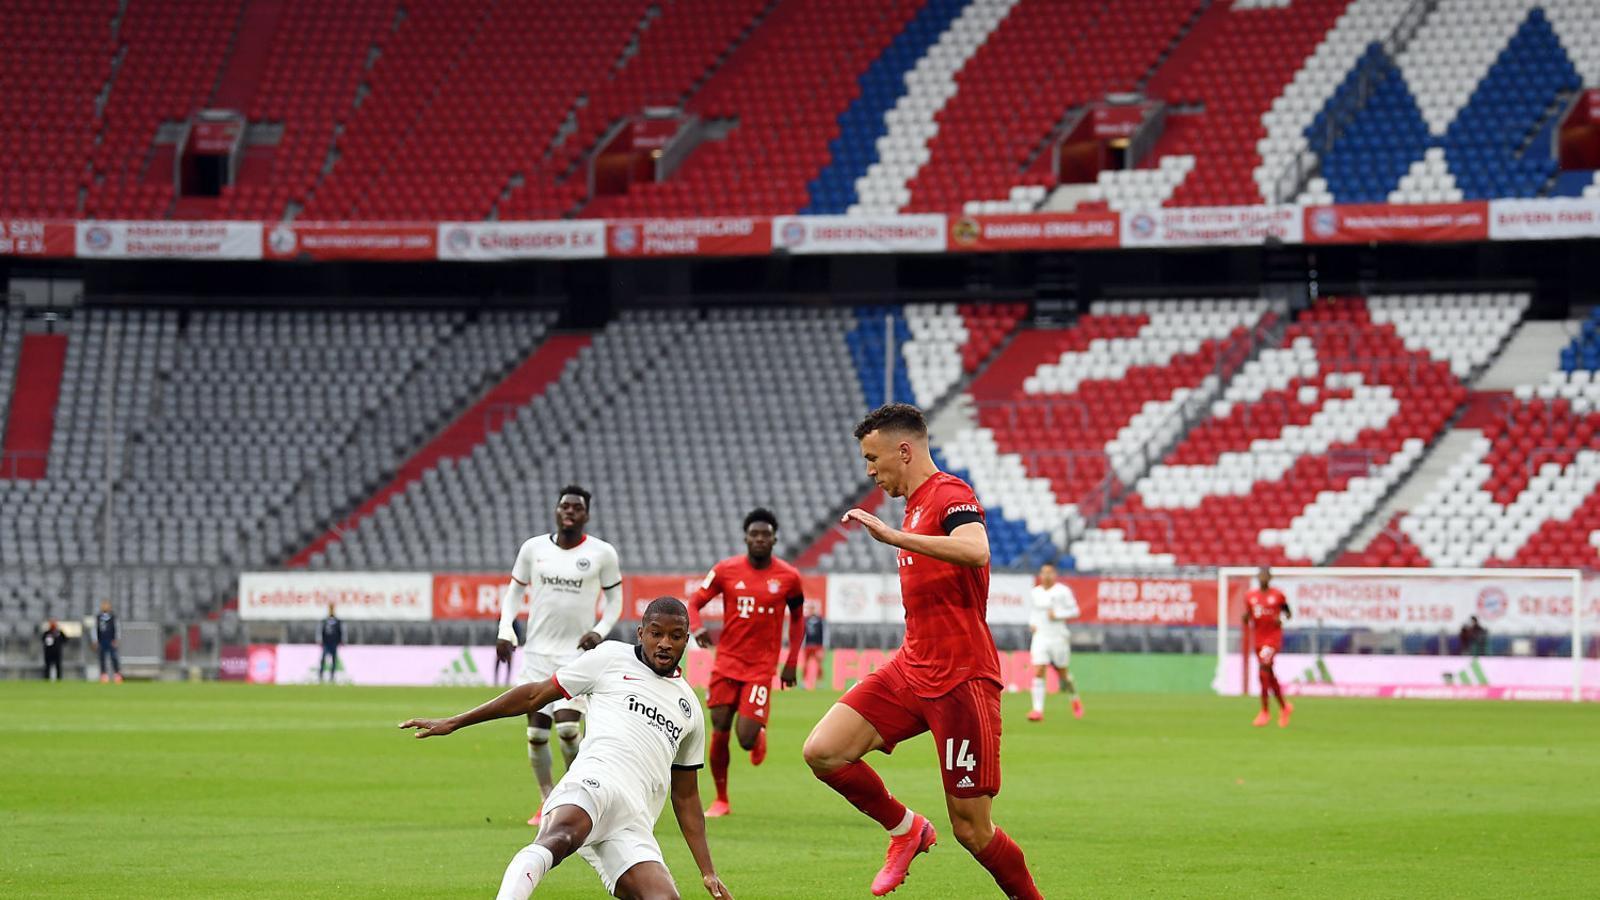 El davanter del Bayern Ivan Perisic intentant controlar una pilota.